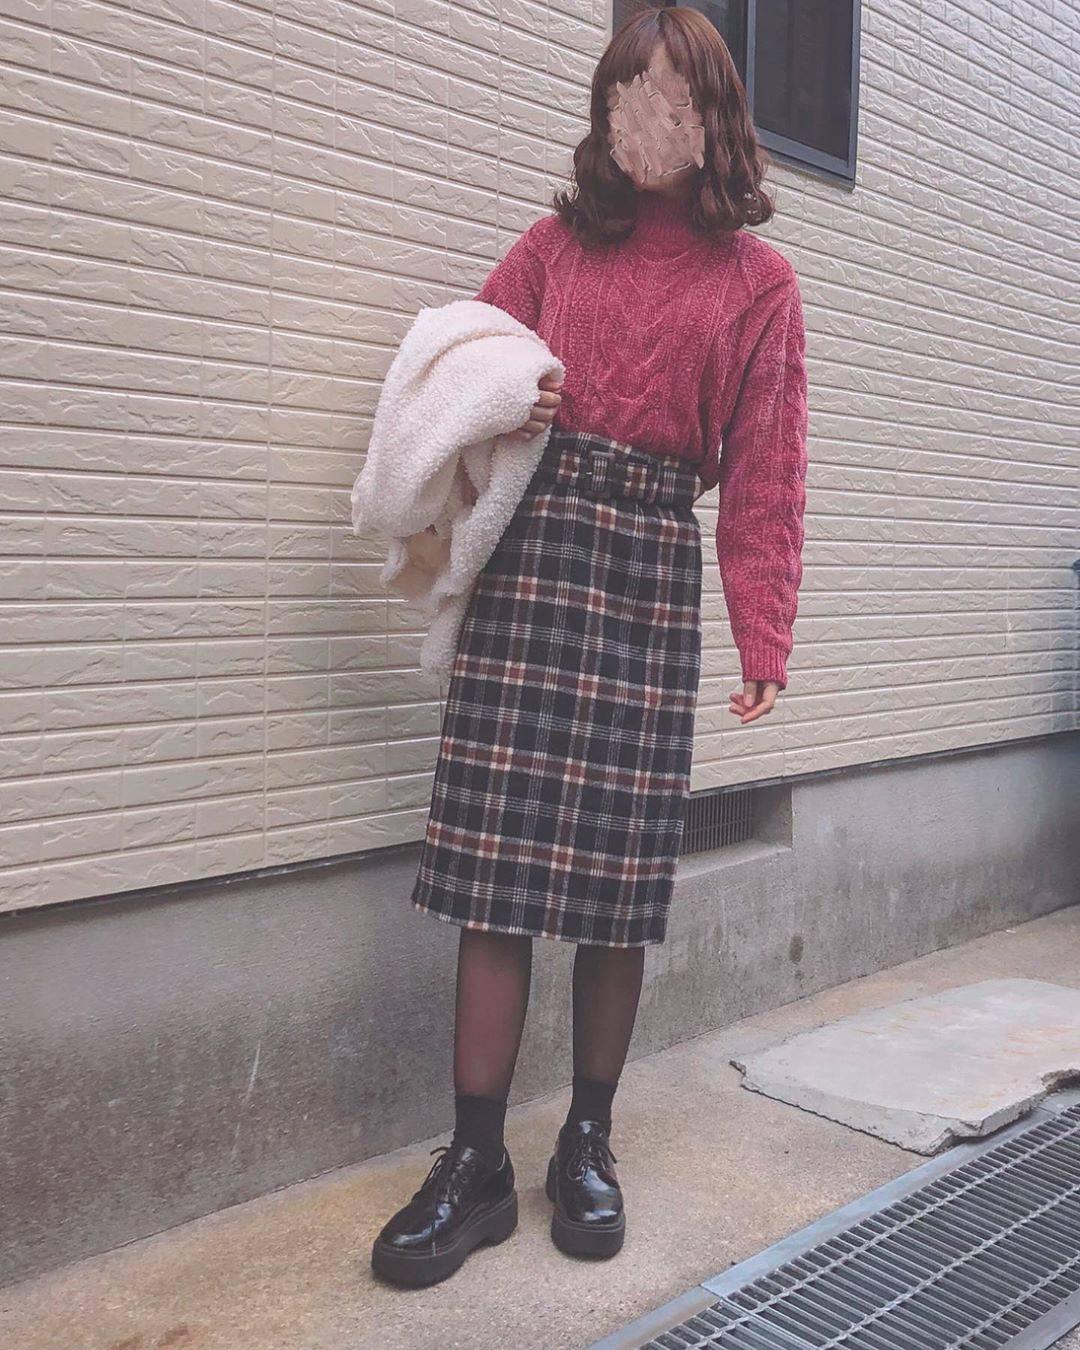 最高気温9度・最低気温6度 flower_22227の服装